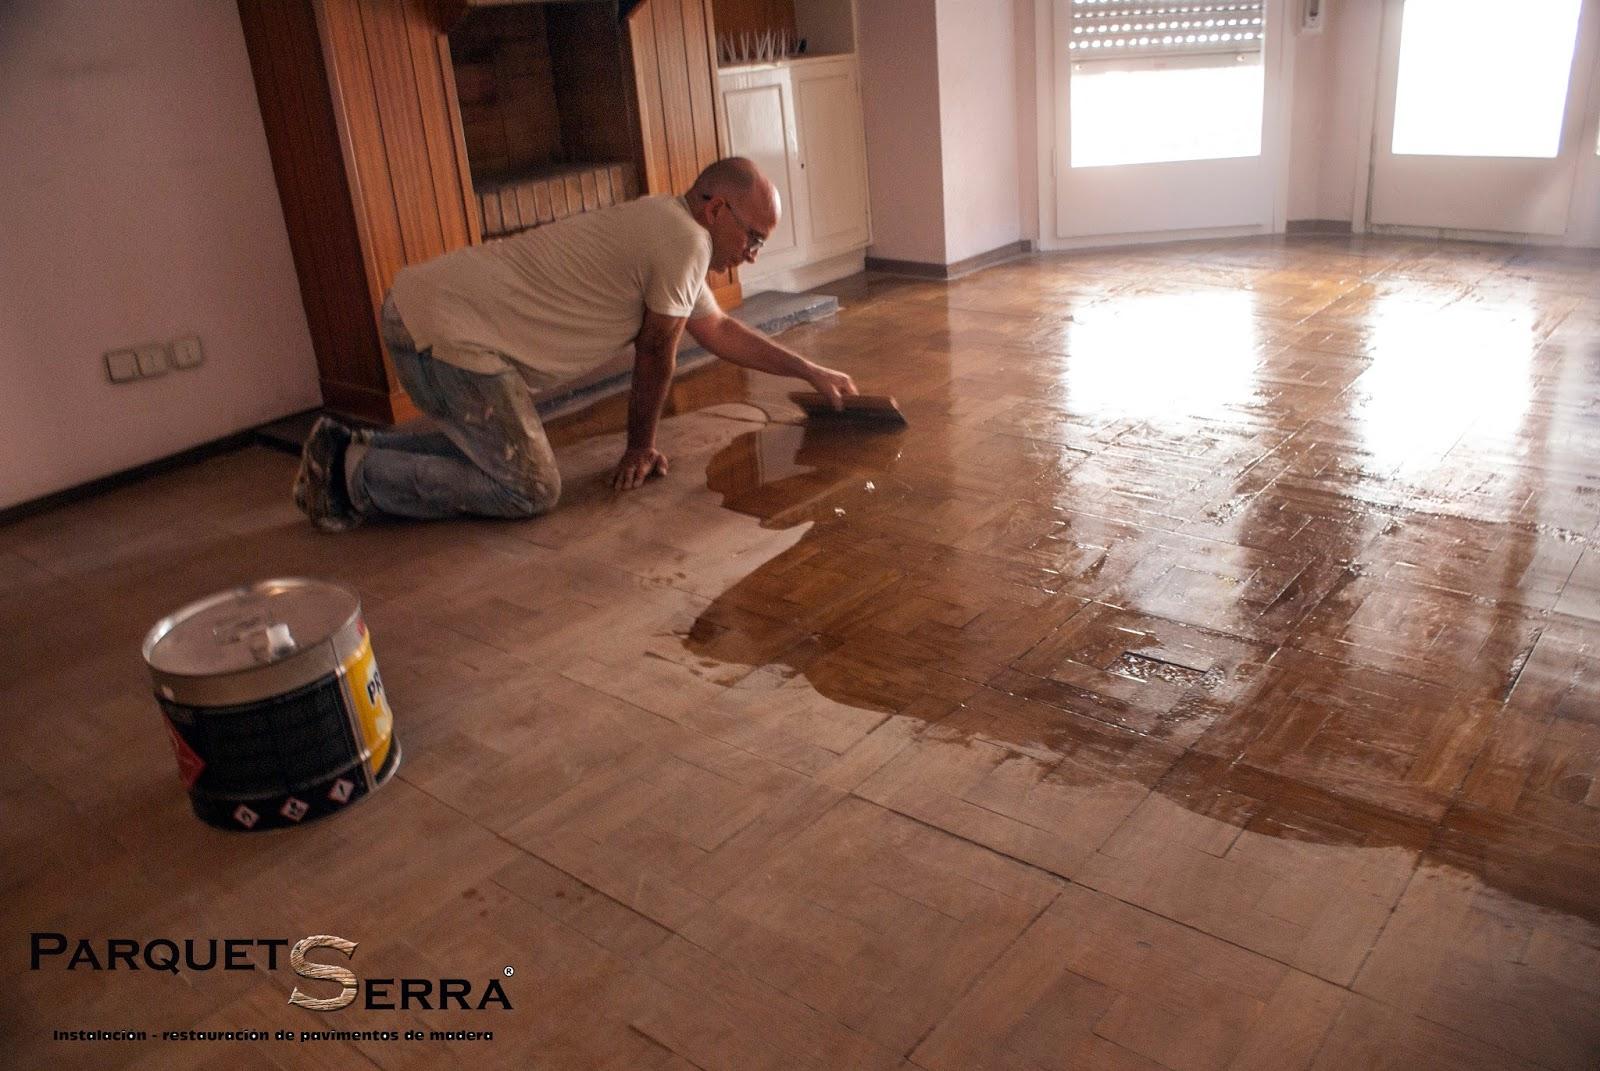 Como arreglar mi parquet - Como reparar piso de parquet rayado ...